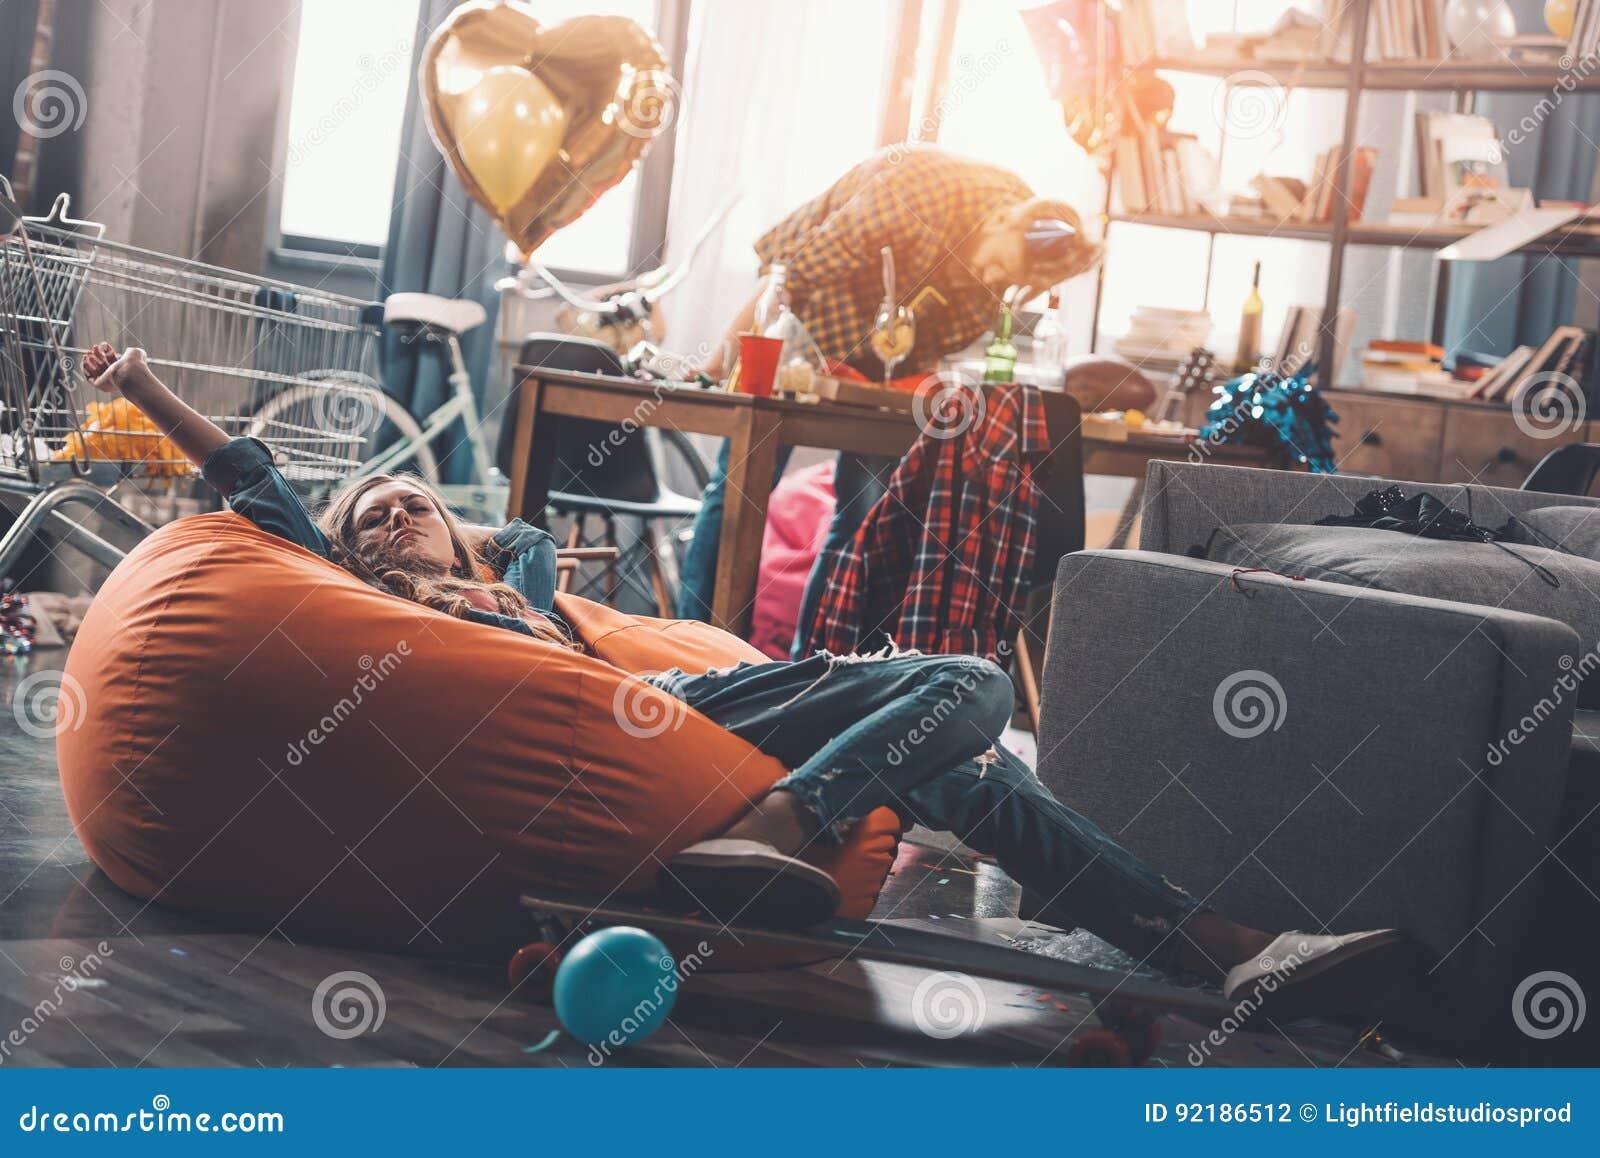 Vrouw die op beanbagstoel rusten terwijl man het schoonmaken erachter in slordige ruimte na partij